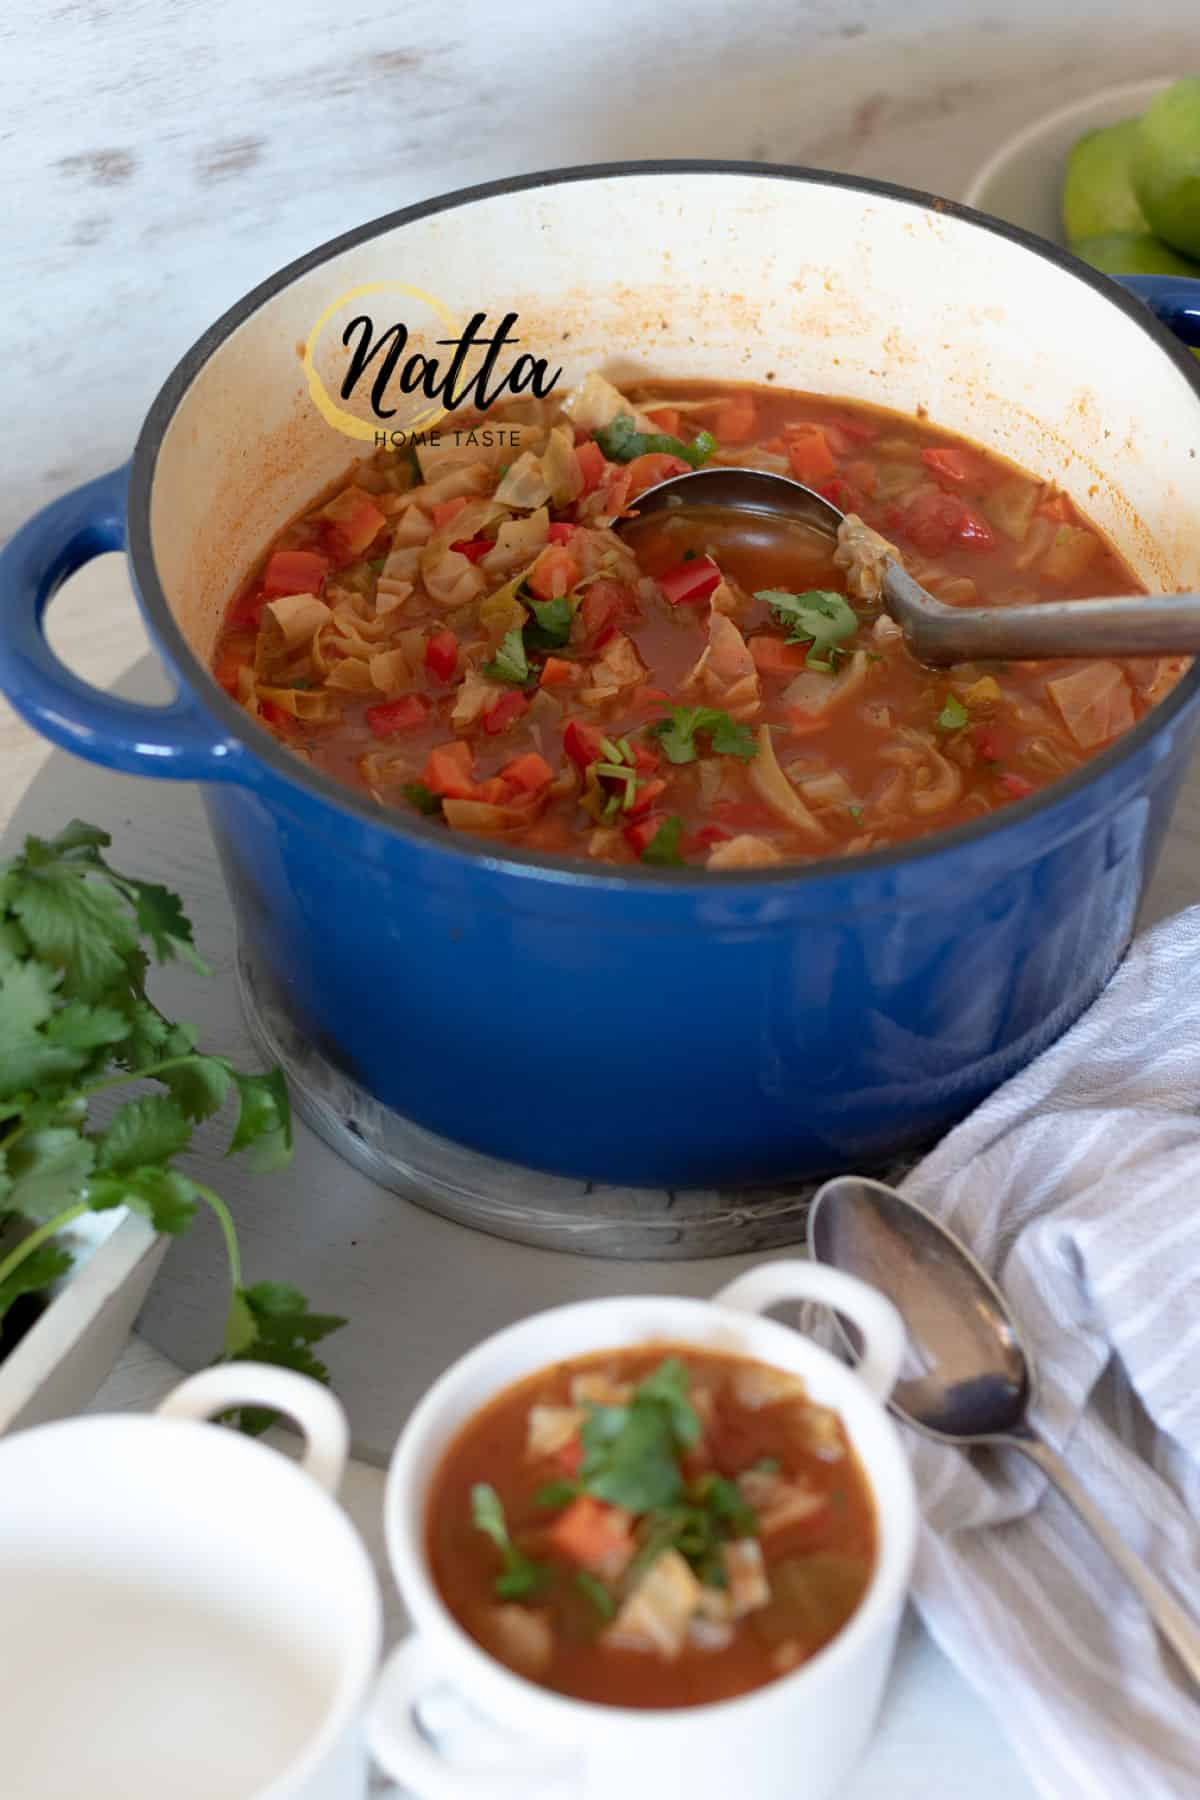 Sopa de repollo servida en una olla azul acompañada de recipientes blancos y cucharas